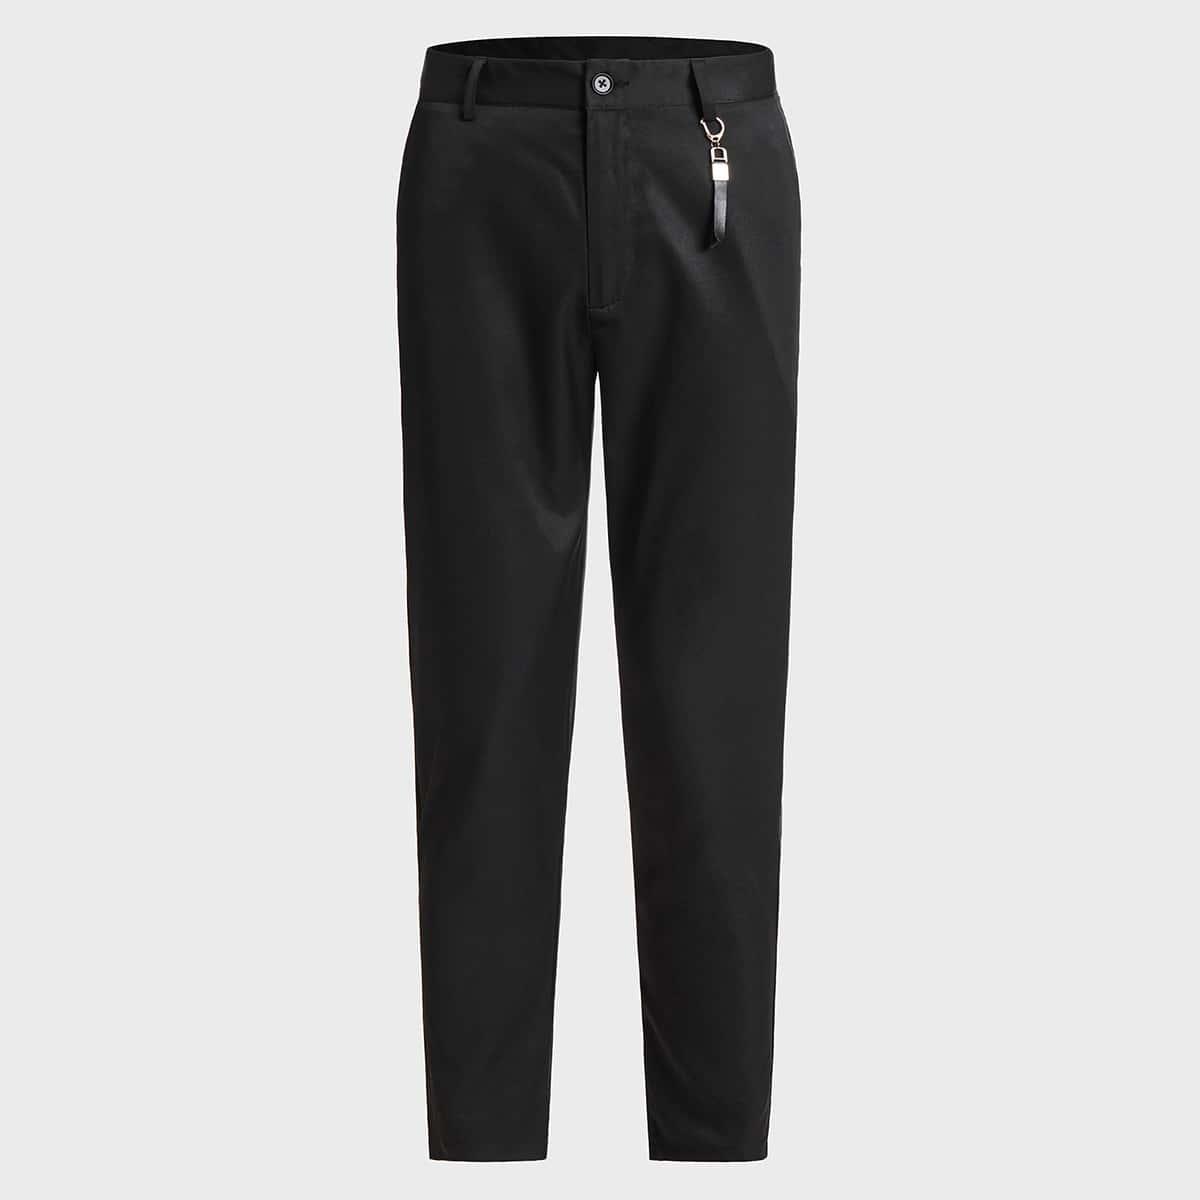 Мужские брюки с брелком